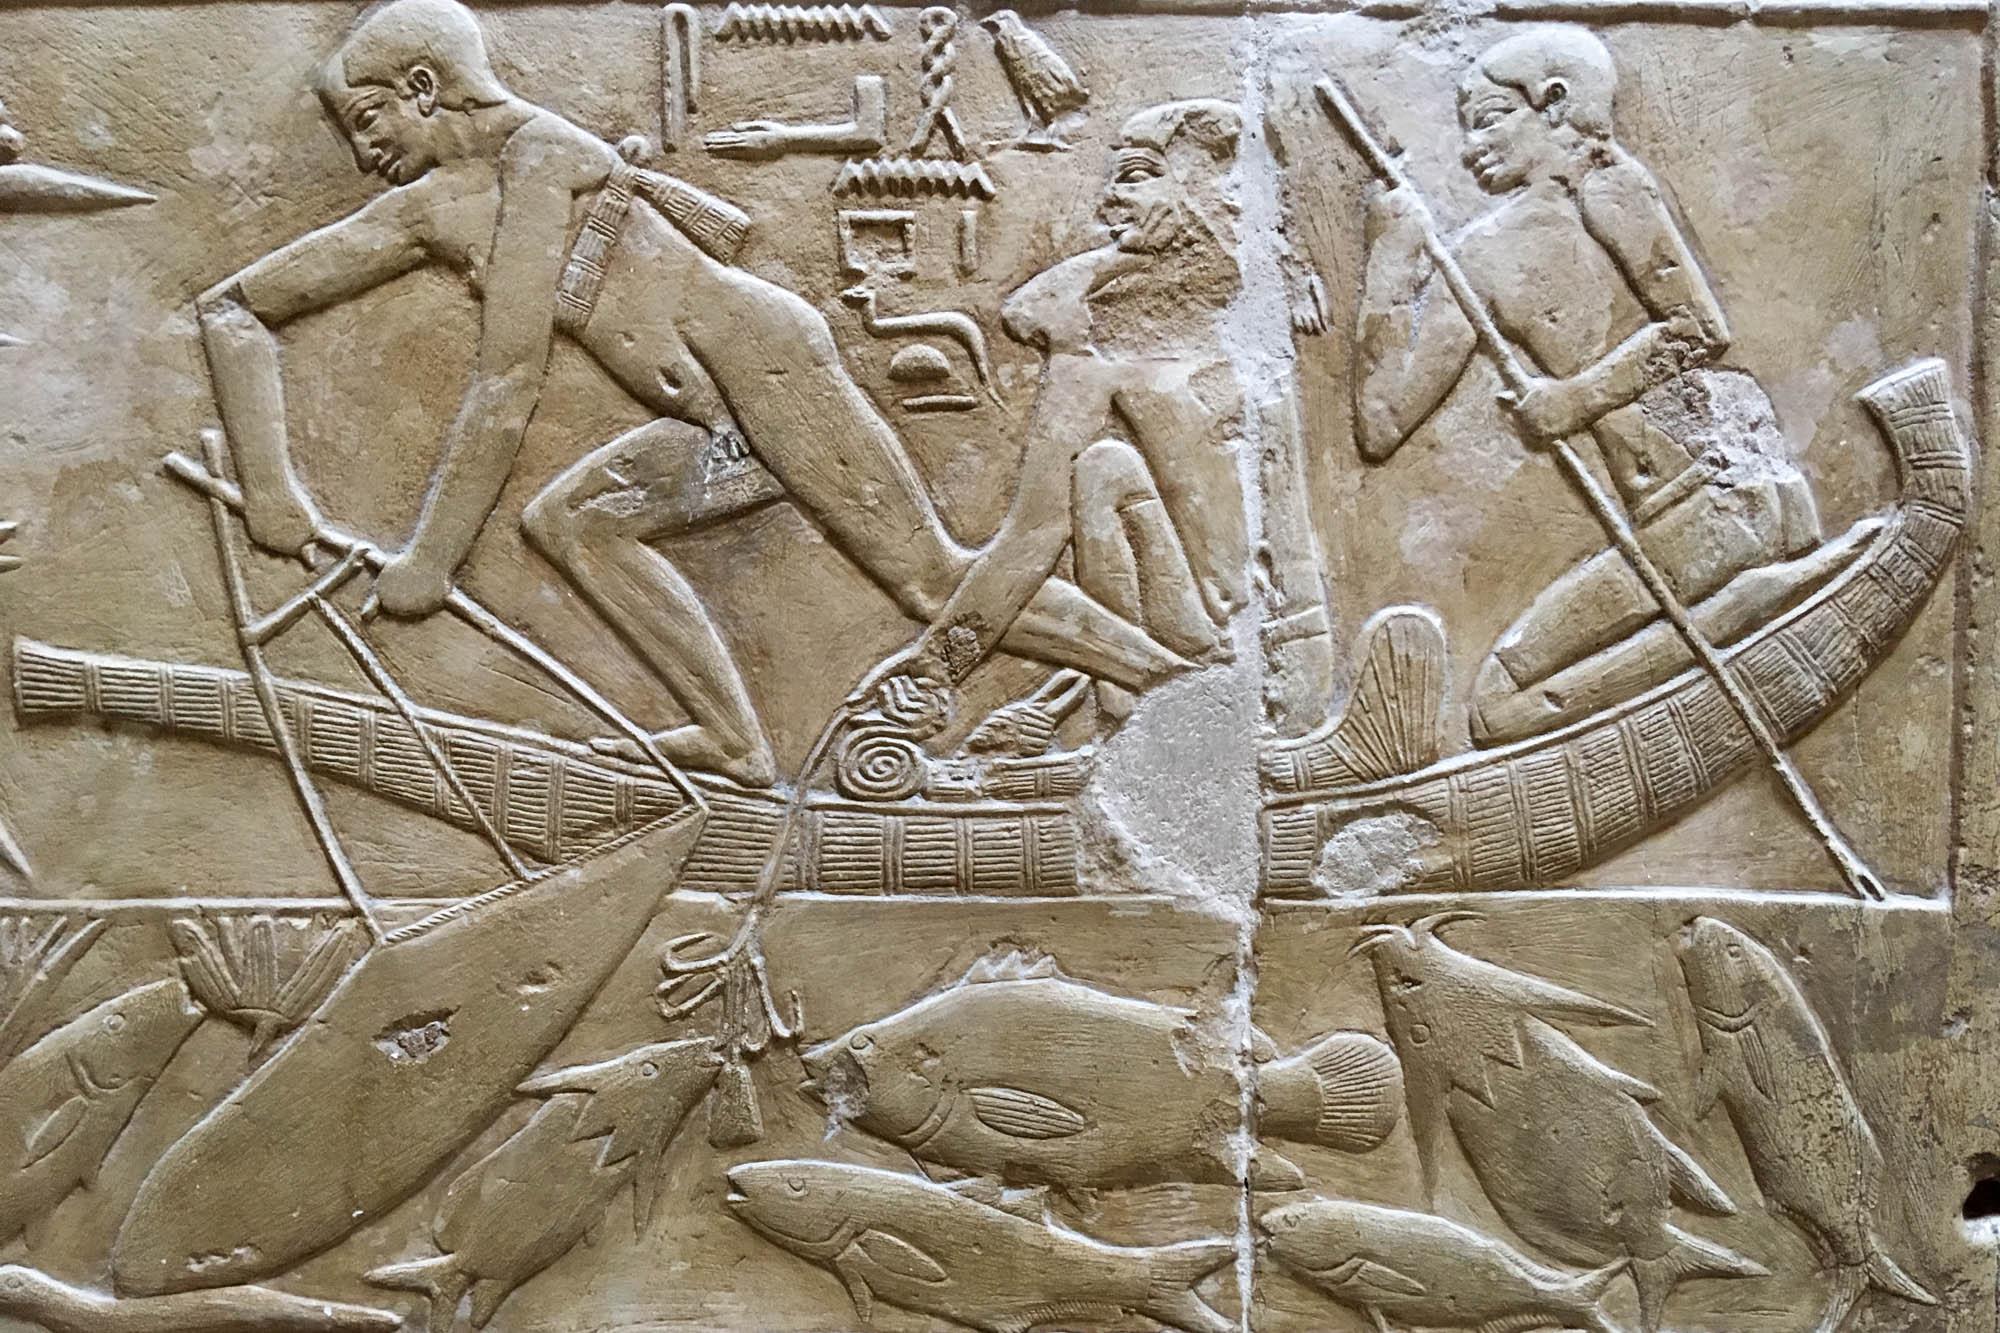 Sogenannte Szenen aus dem täglichen Leben finden sich in den meisten dekorierten Mastaba-Gräbern von hohen Beamten des Alten Reichs, wie hier in der des Mereruka. Foto: Lothar Ruttner